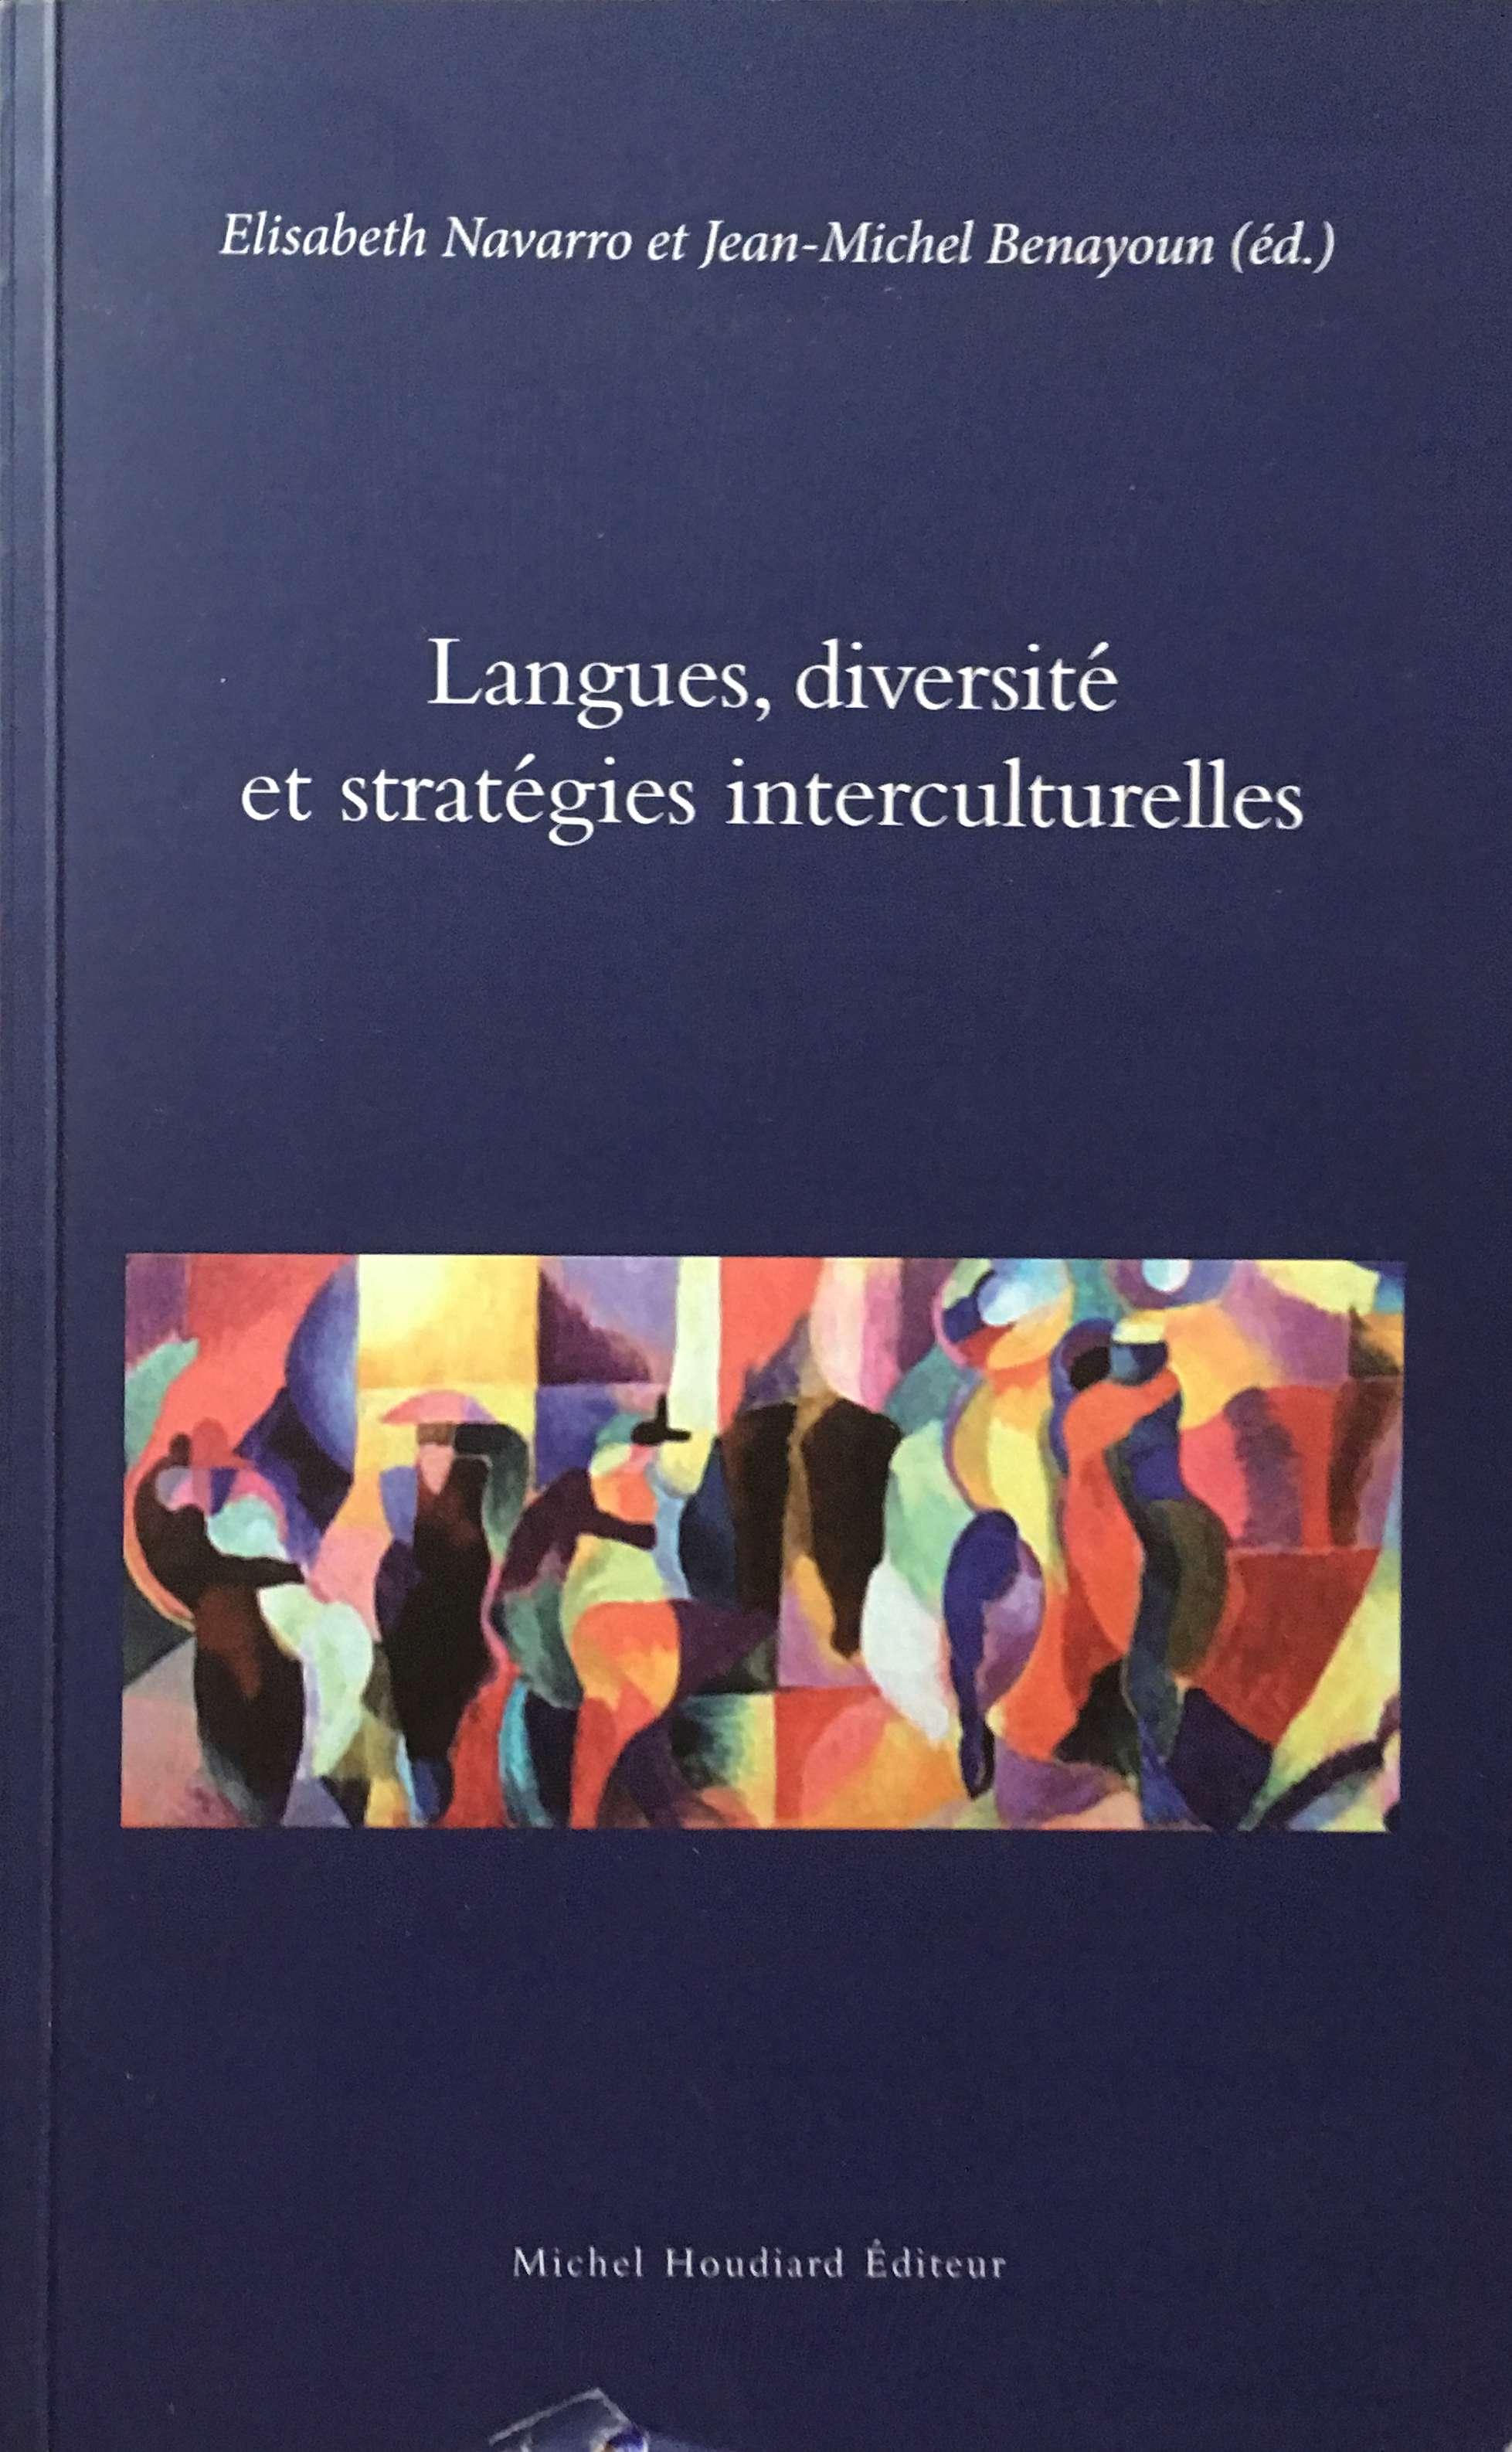 Langues diversités 1ère de couverture